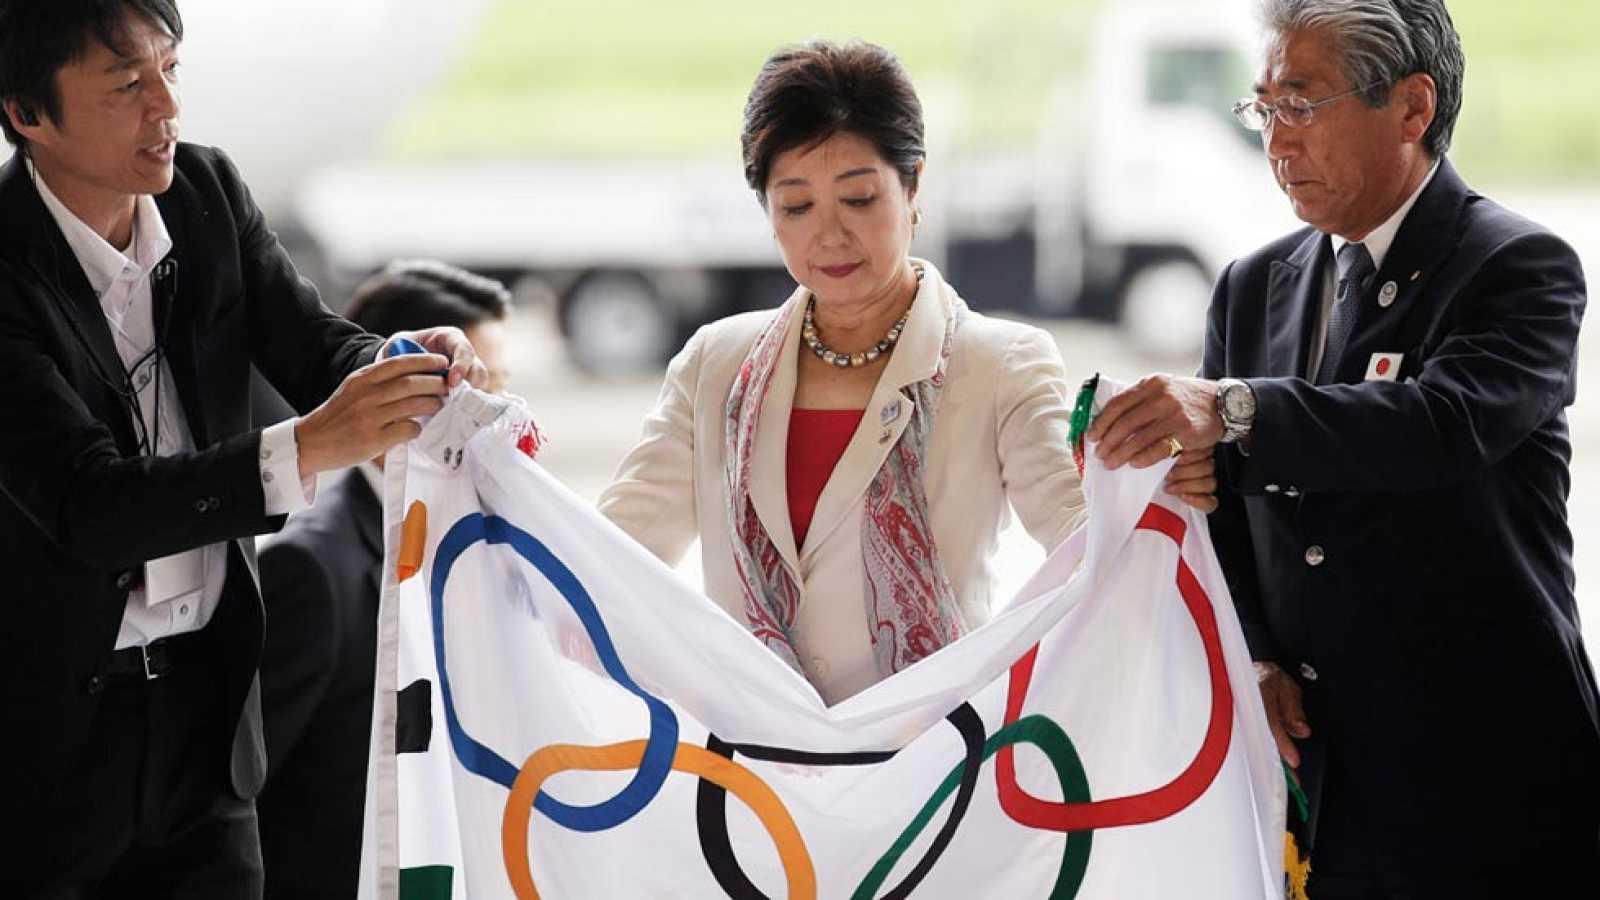 La bandera olímpica llega a Tokio